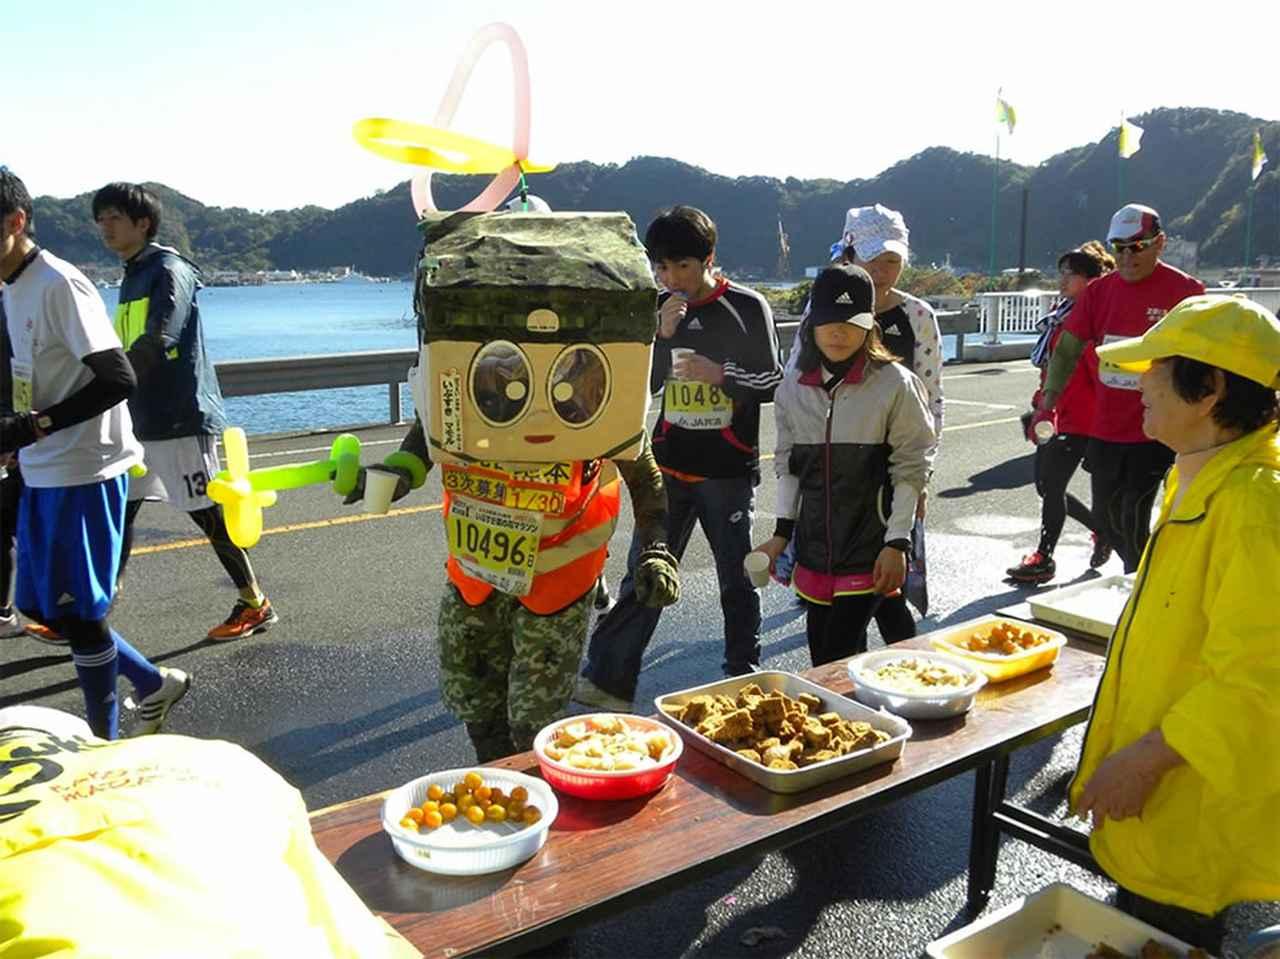 画像3: おもてなし日本一のマラソン大会『いぶすき菜の花マラソン』ってどんな大会?